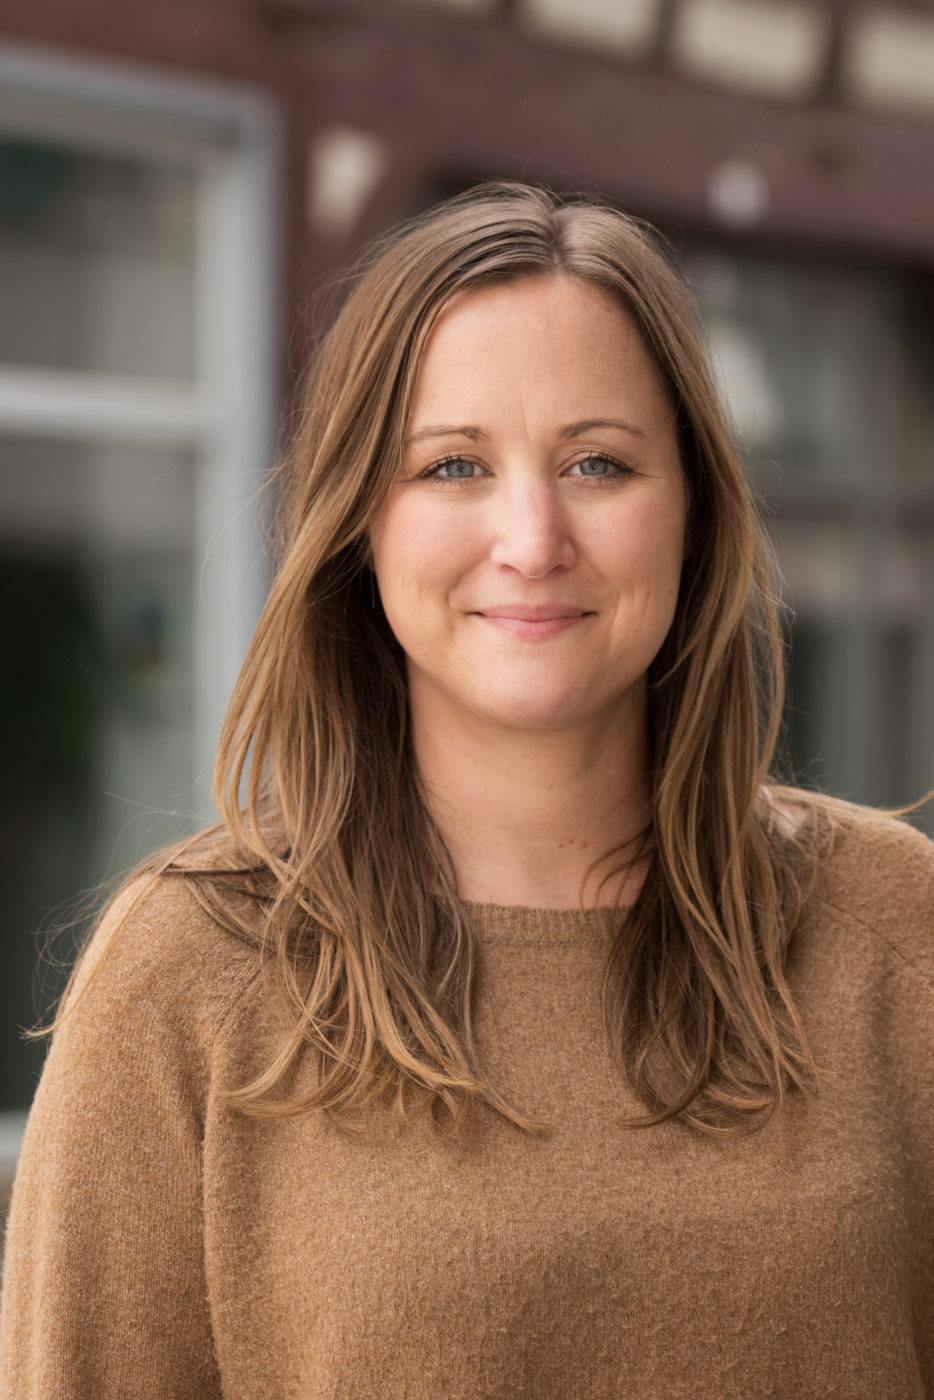 Melanie Kupi